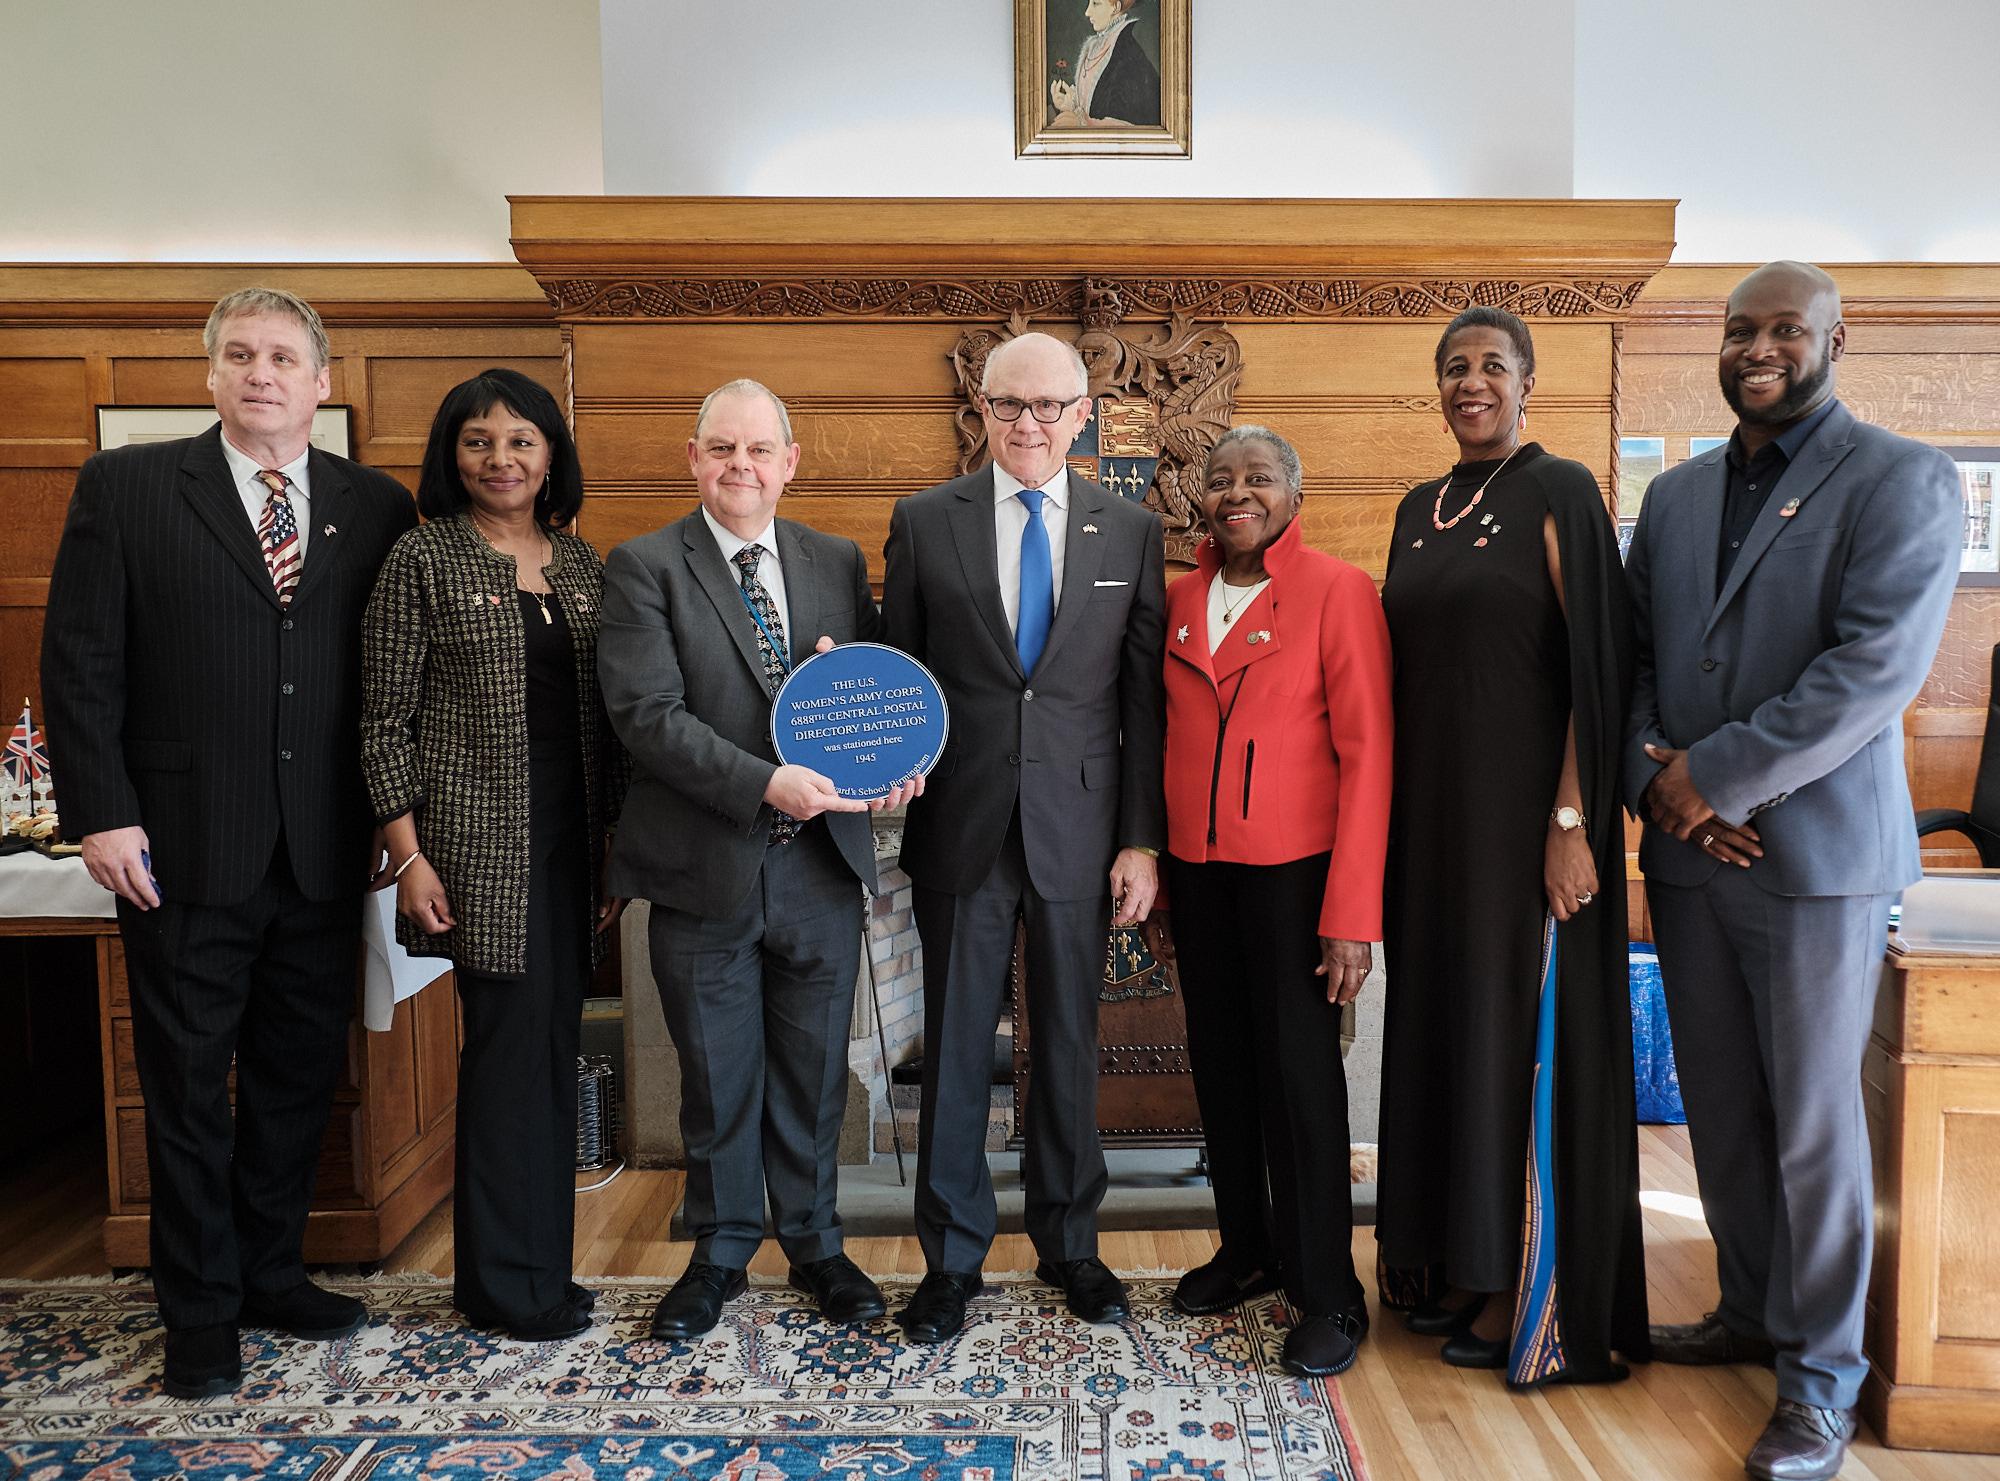 US Ambassador presents plaque to 6888th Battalion